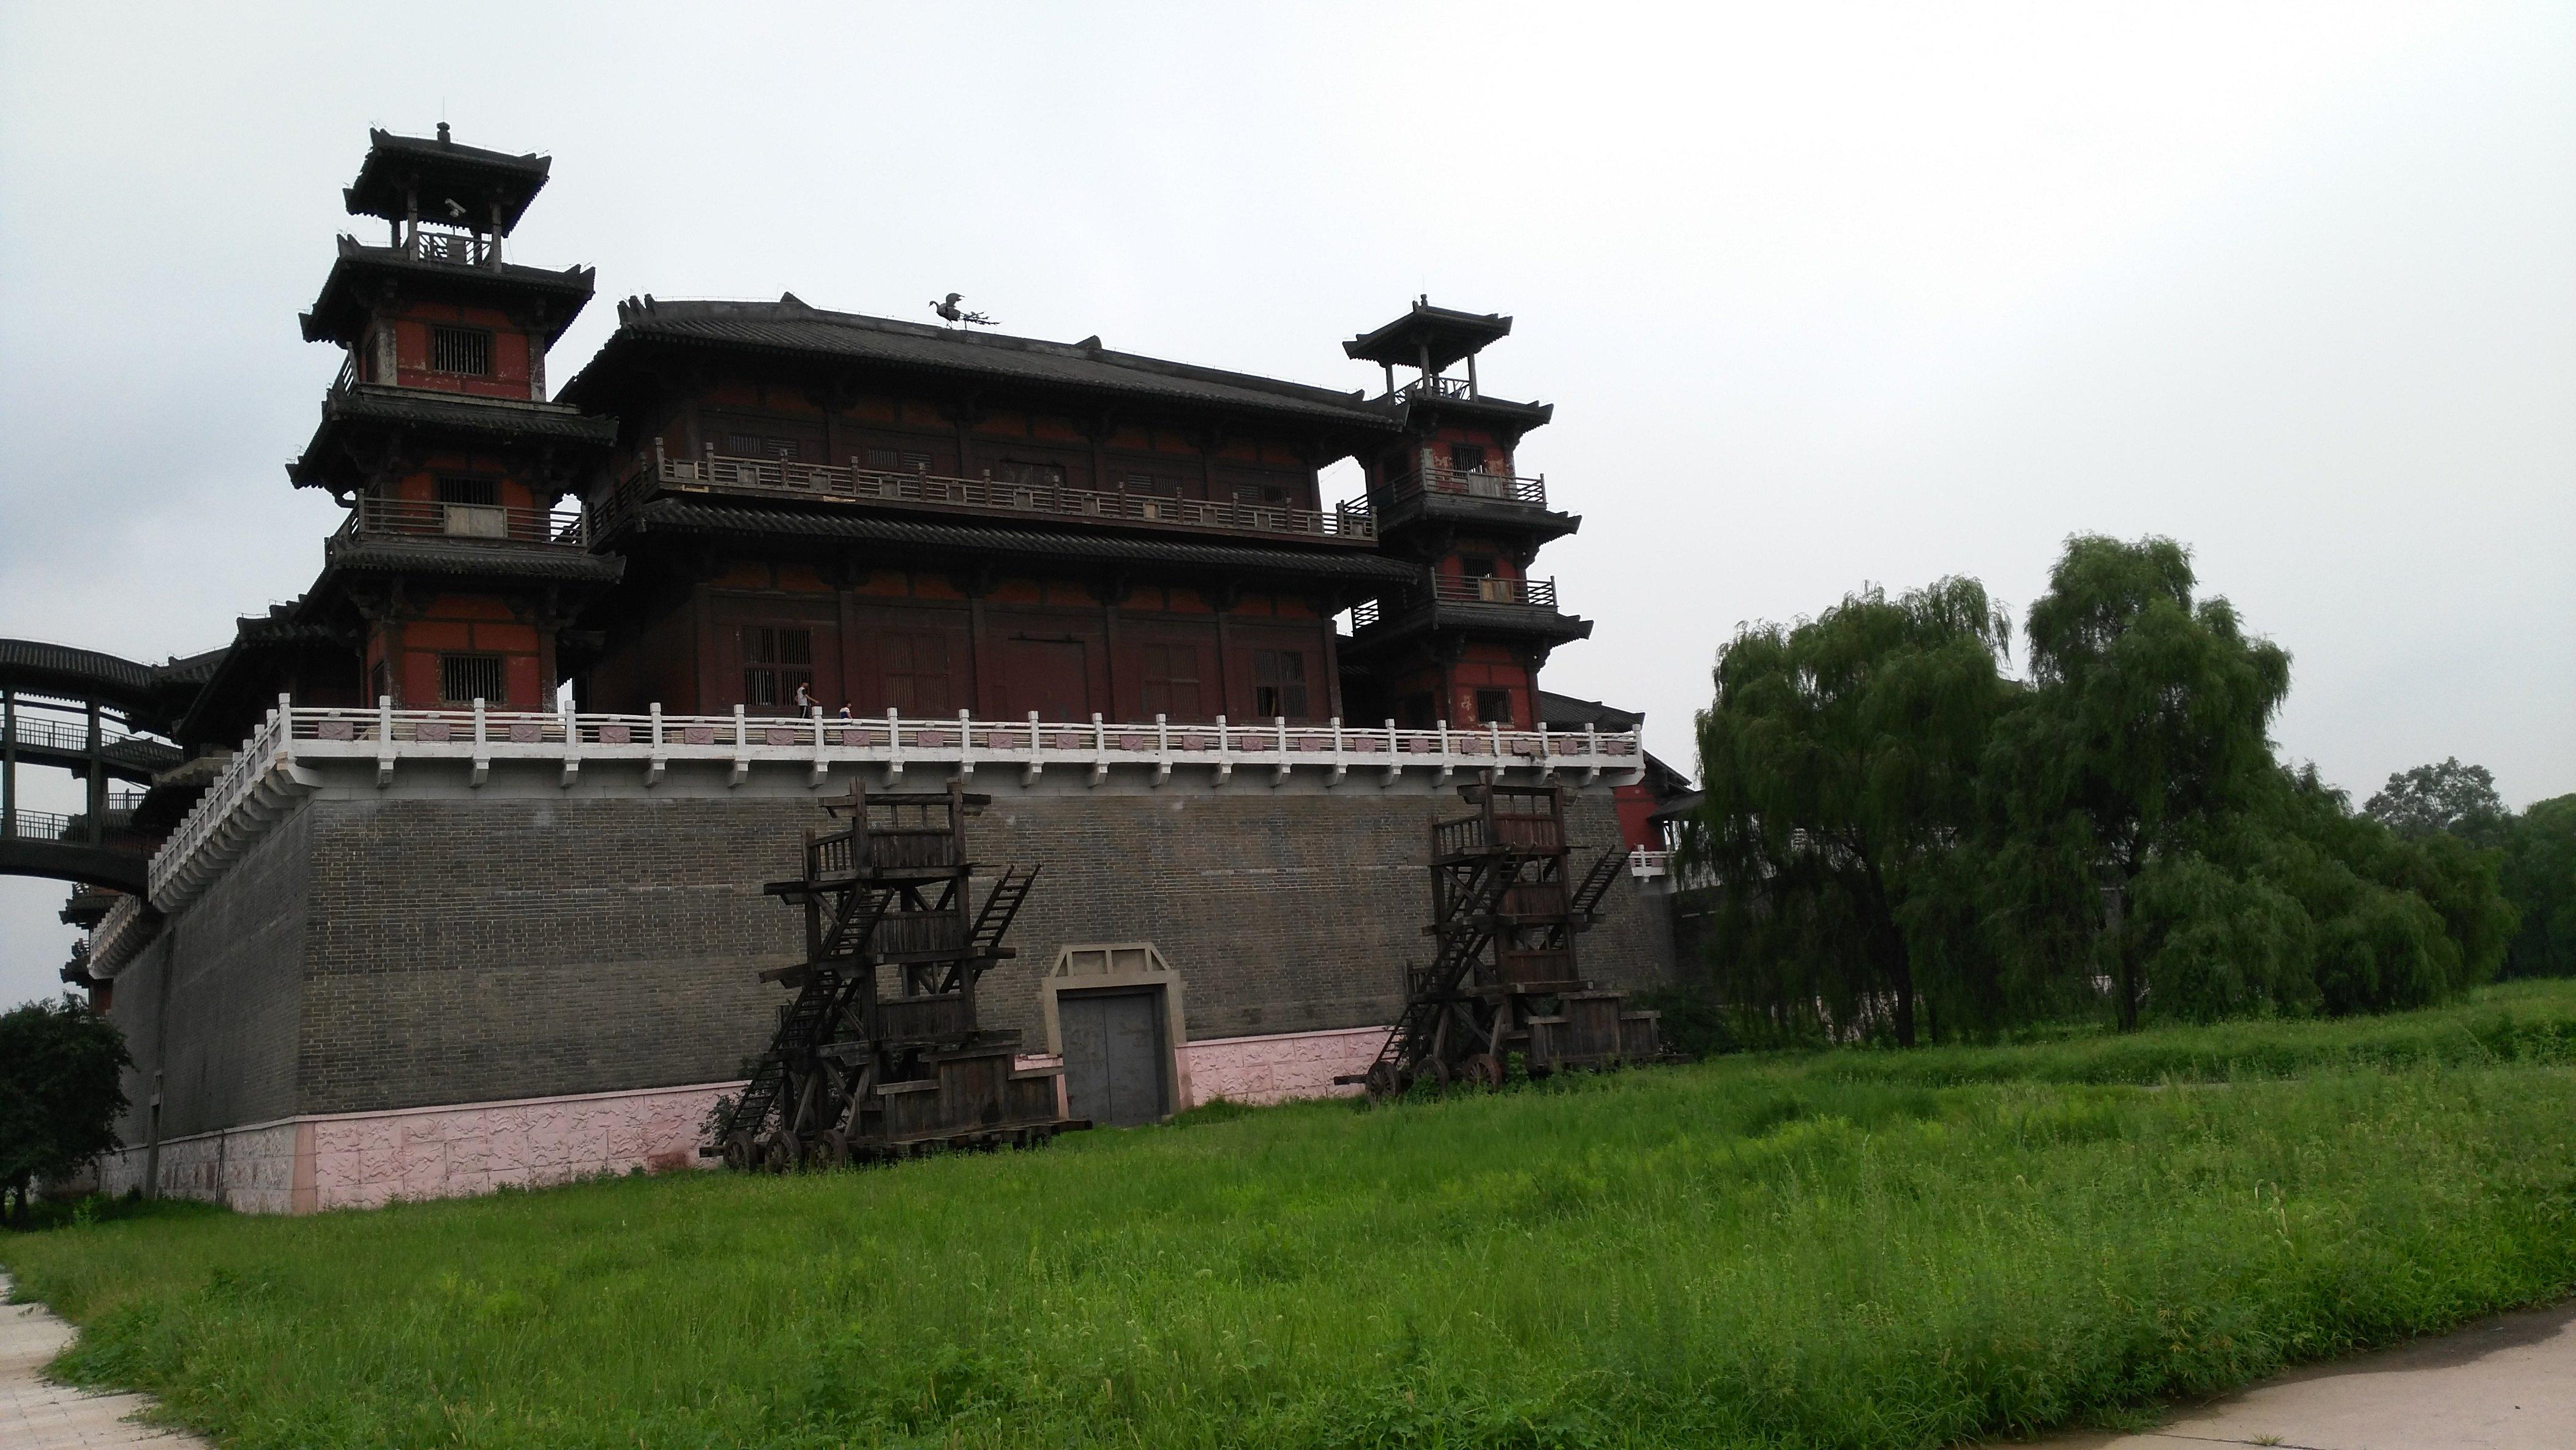 【携程攻略】河北涿州影视城适合朋友出游旅游吗